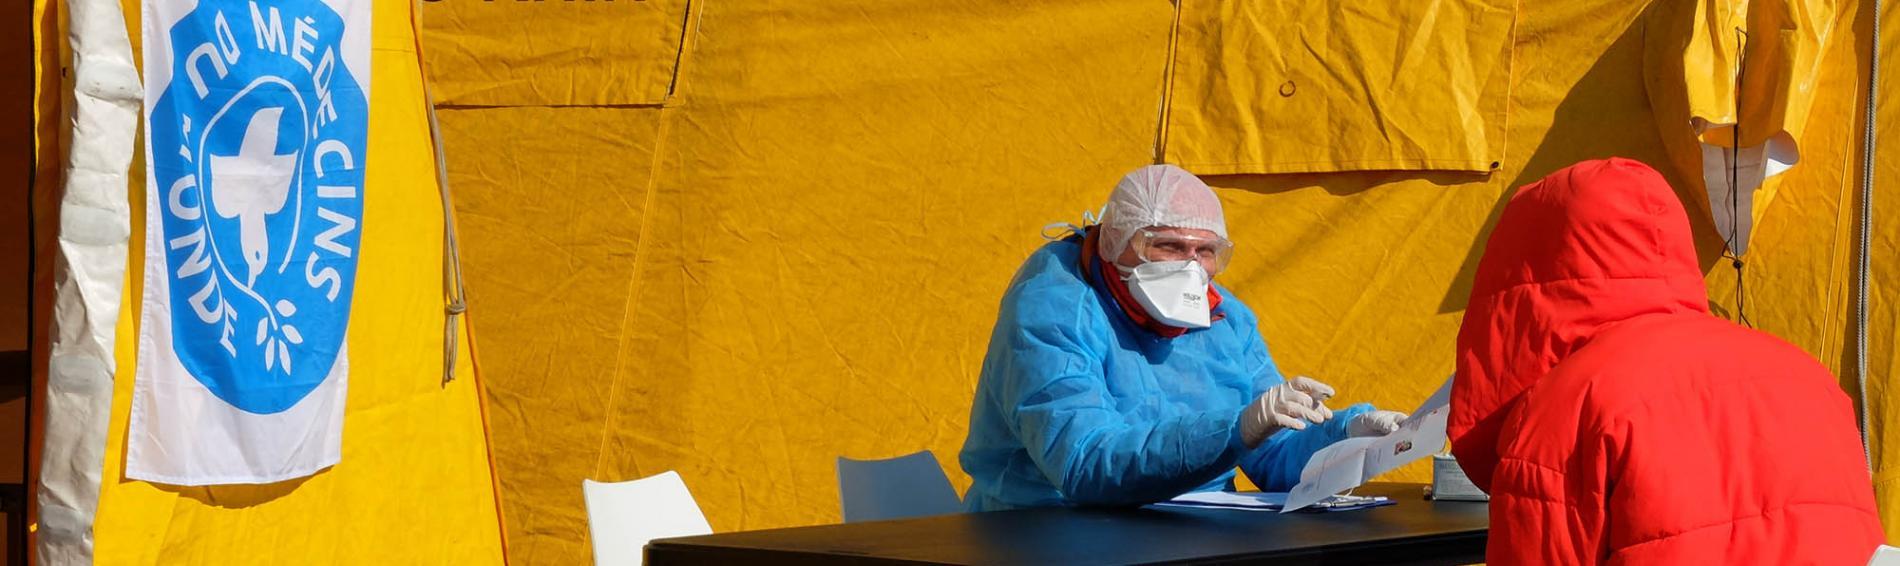 Ärzte der Welt Frankreich ist im eigenen Land, wie hier in Strasbourg, seit Jahrzehnten aktiv. Foto: Nicholas Fuchs, Ärzte der Welt